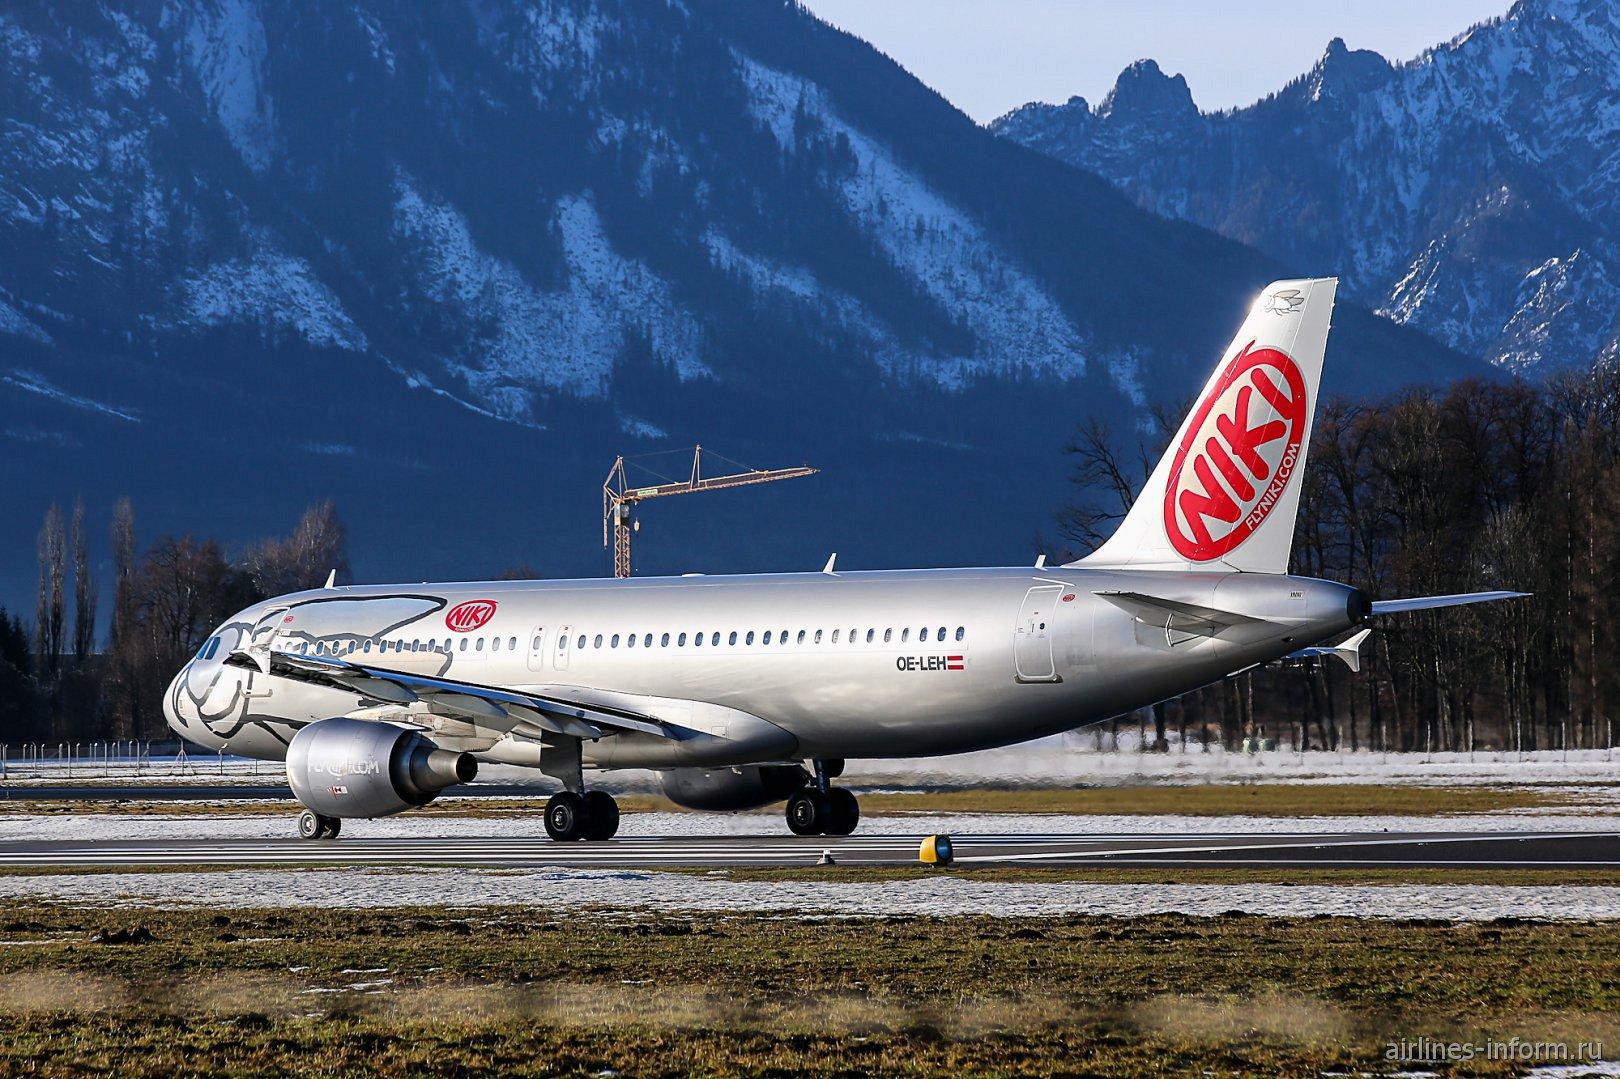 Airbus A320 авиакомпании Niki на взлетной полосе аэропорта Зальцбурга